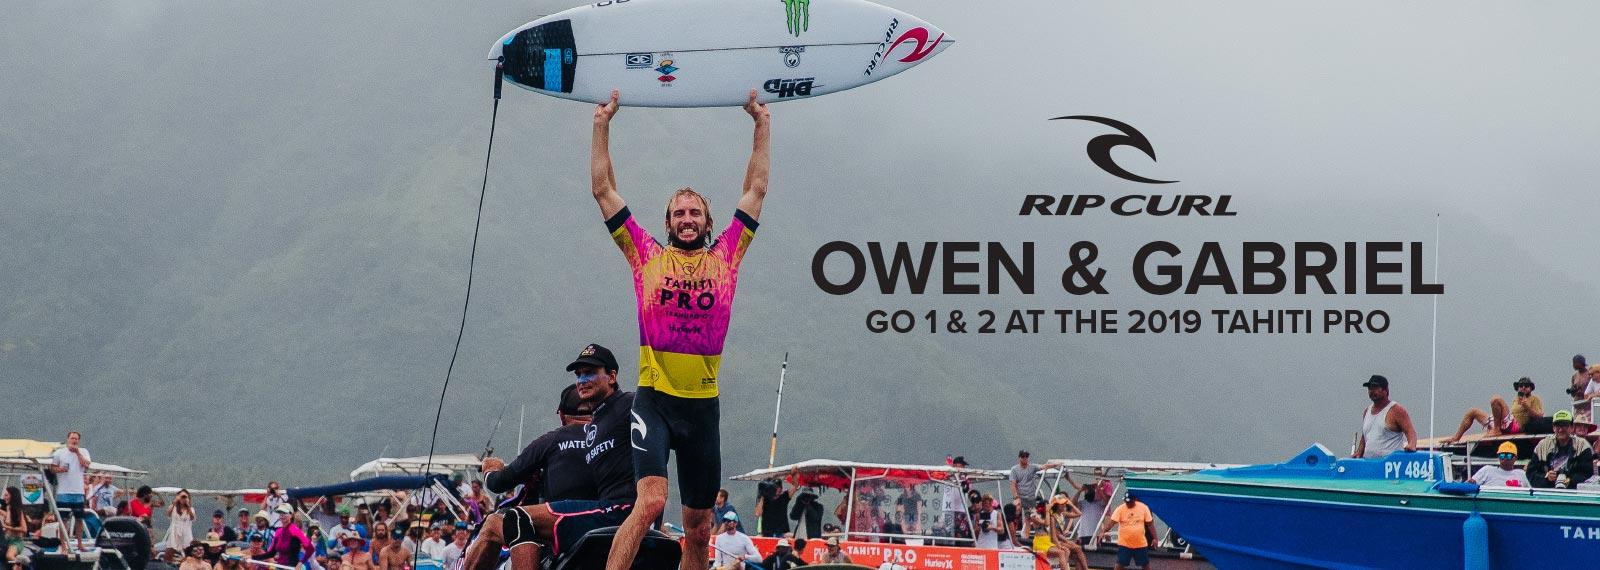 Owen Wright Wins The 2019 Tahiti Pro Teahupo'o